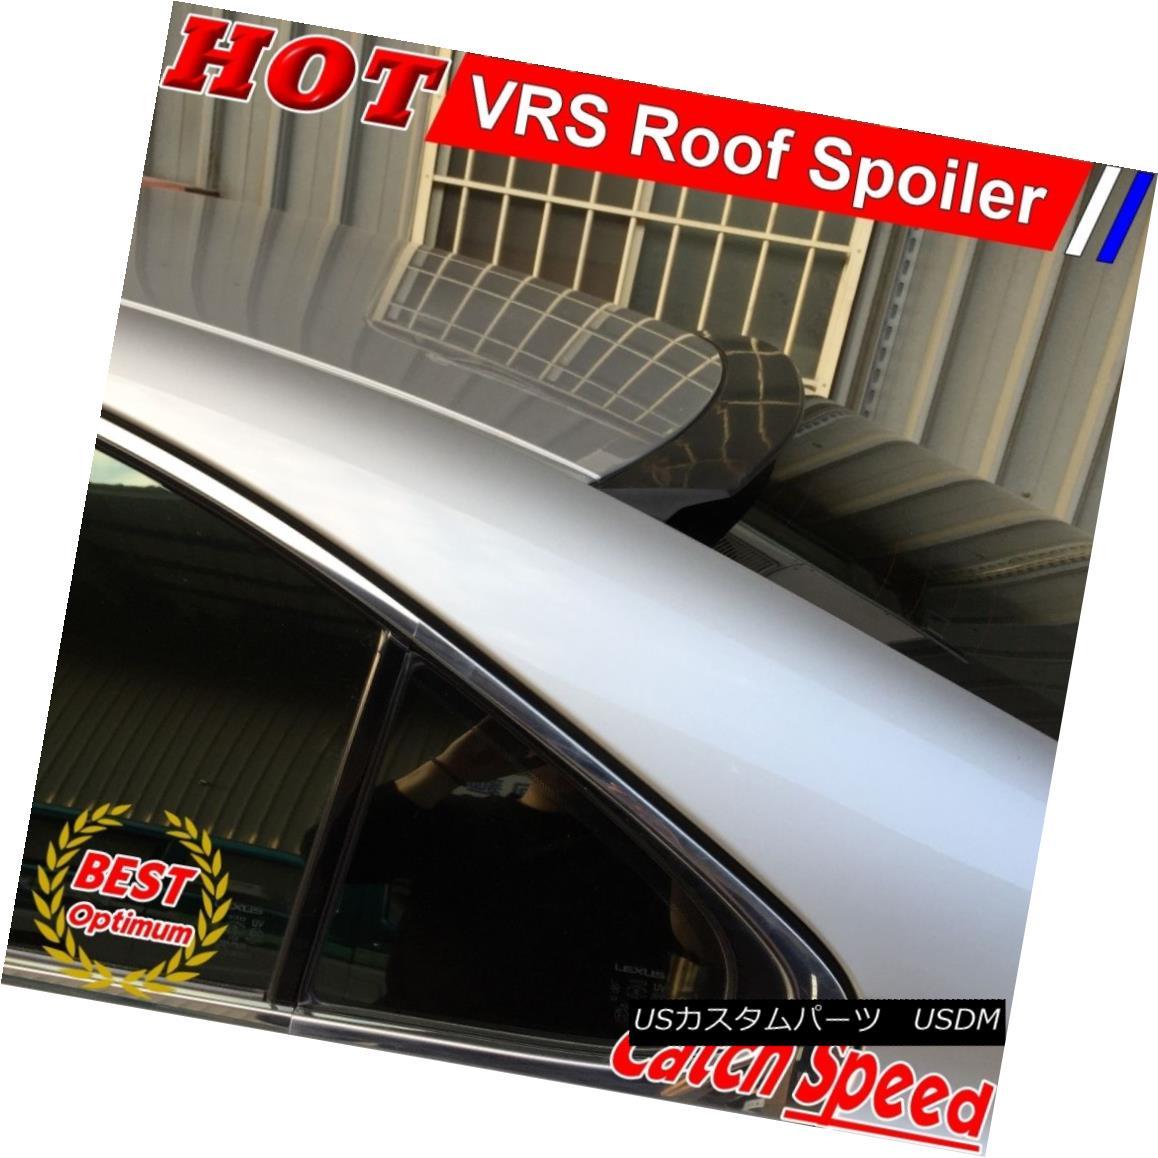 エアロパーツ Painted VRS Type Rear Roof Spoiler Wing For SUBARU IMPREZA Sedan Coupe 1992-2000 SUBARU IMPREZAセダンクーペ用VRSタイプリアルーフスポイラーウイングの塗装1992-2000